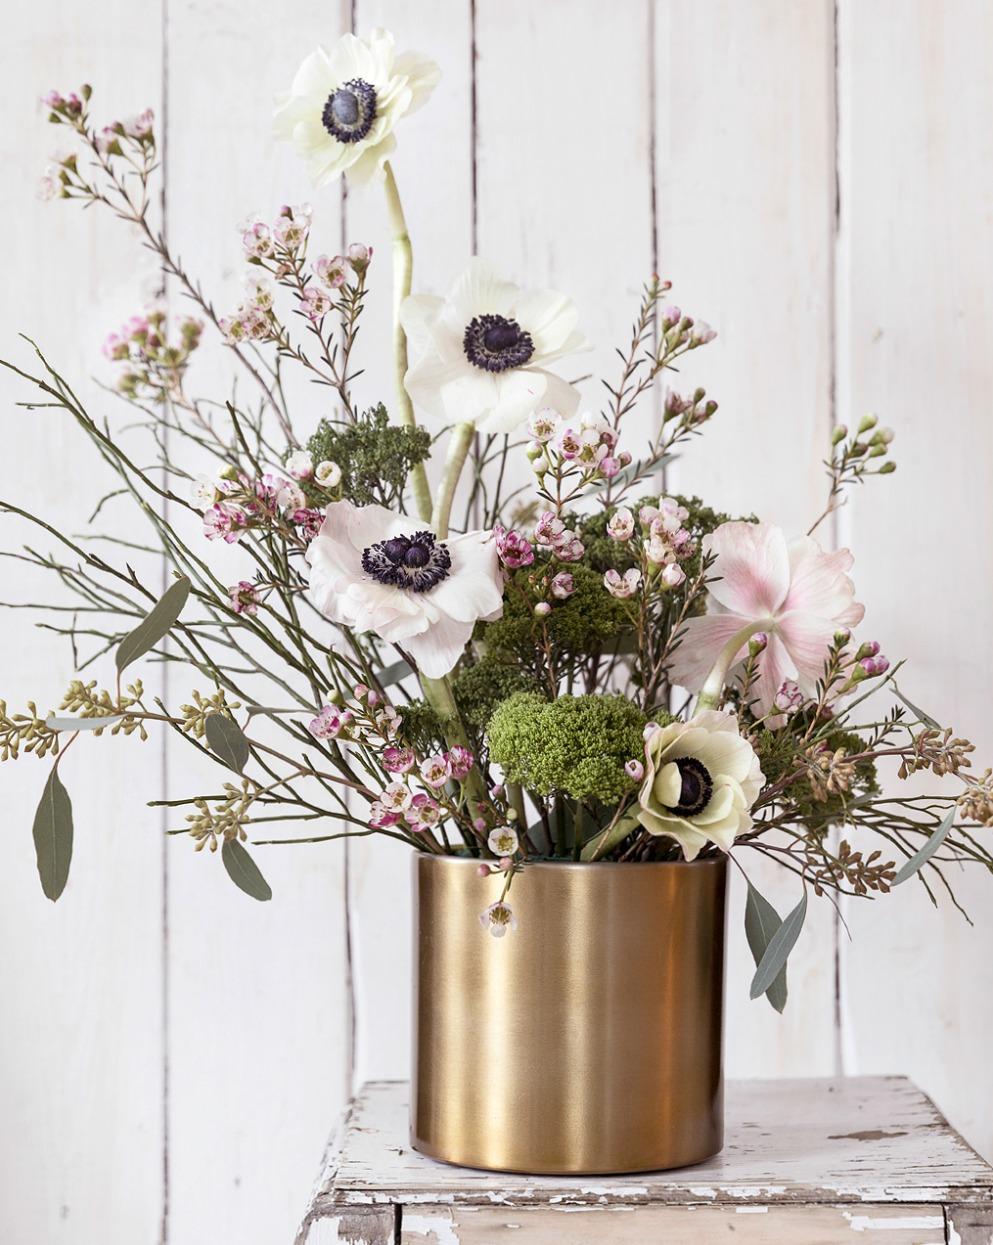 Kukka-asetelma, Anemone, vahakukka, eykalyptus, Visualaddict, valokuvaaja, Frida Steiner, kukat, kukkia, asetelma, kevät, kukkakuvaus, Huiskula, mustikanvarvut, photography, flowerpower